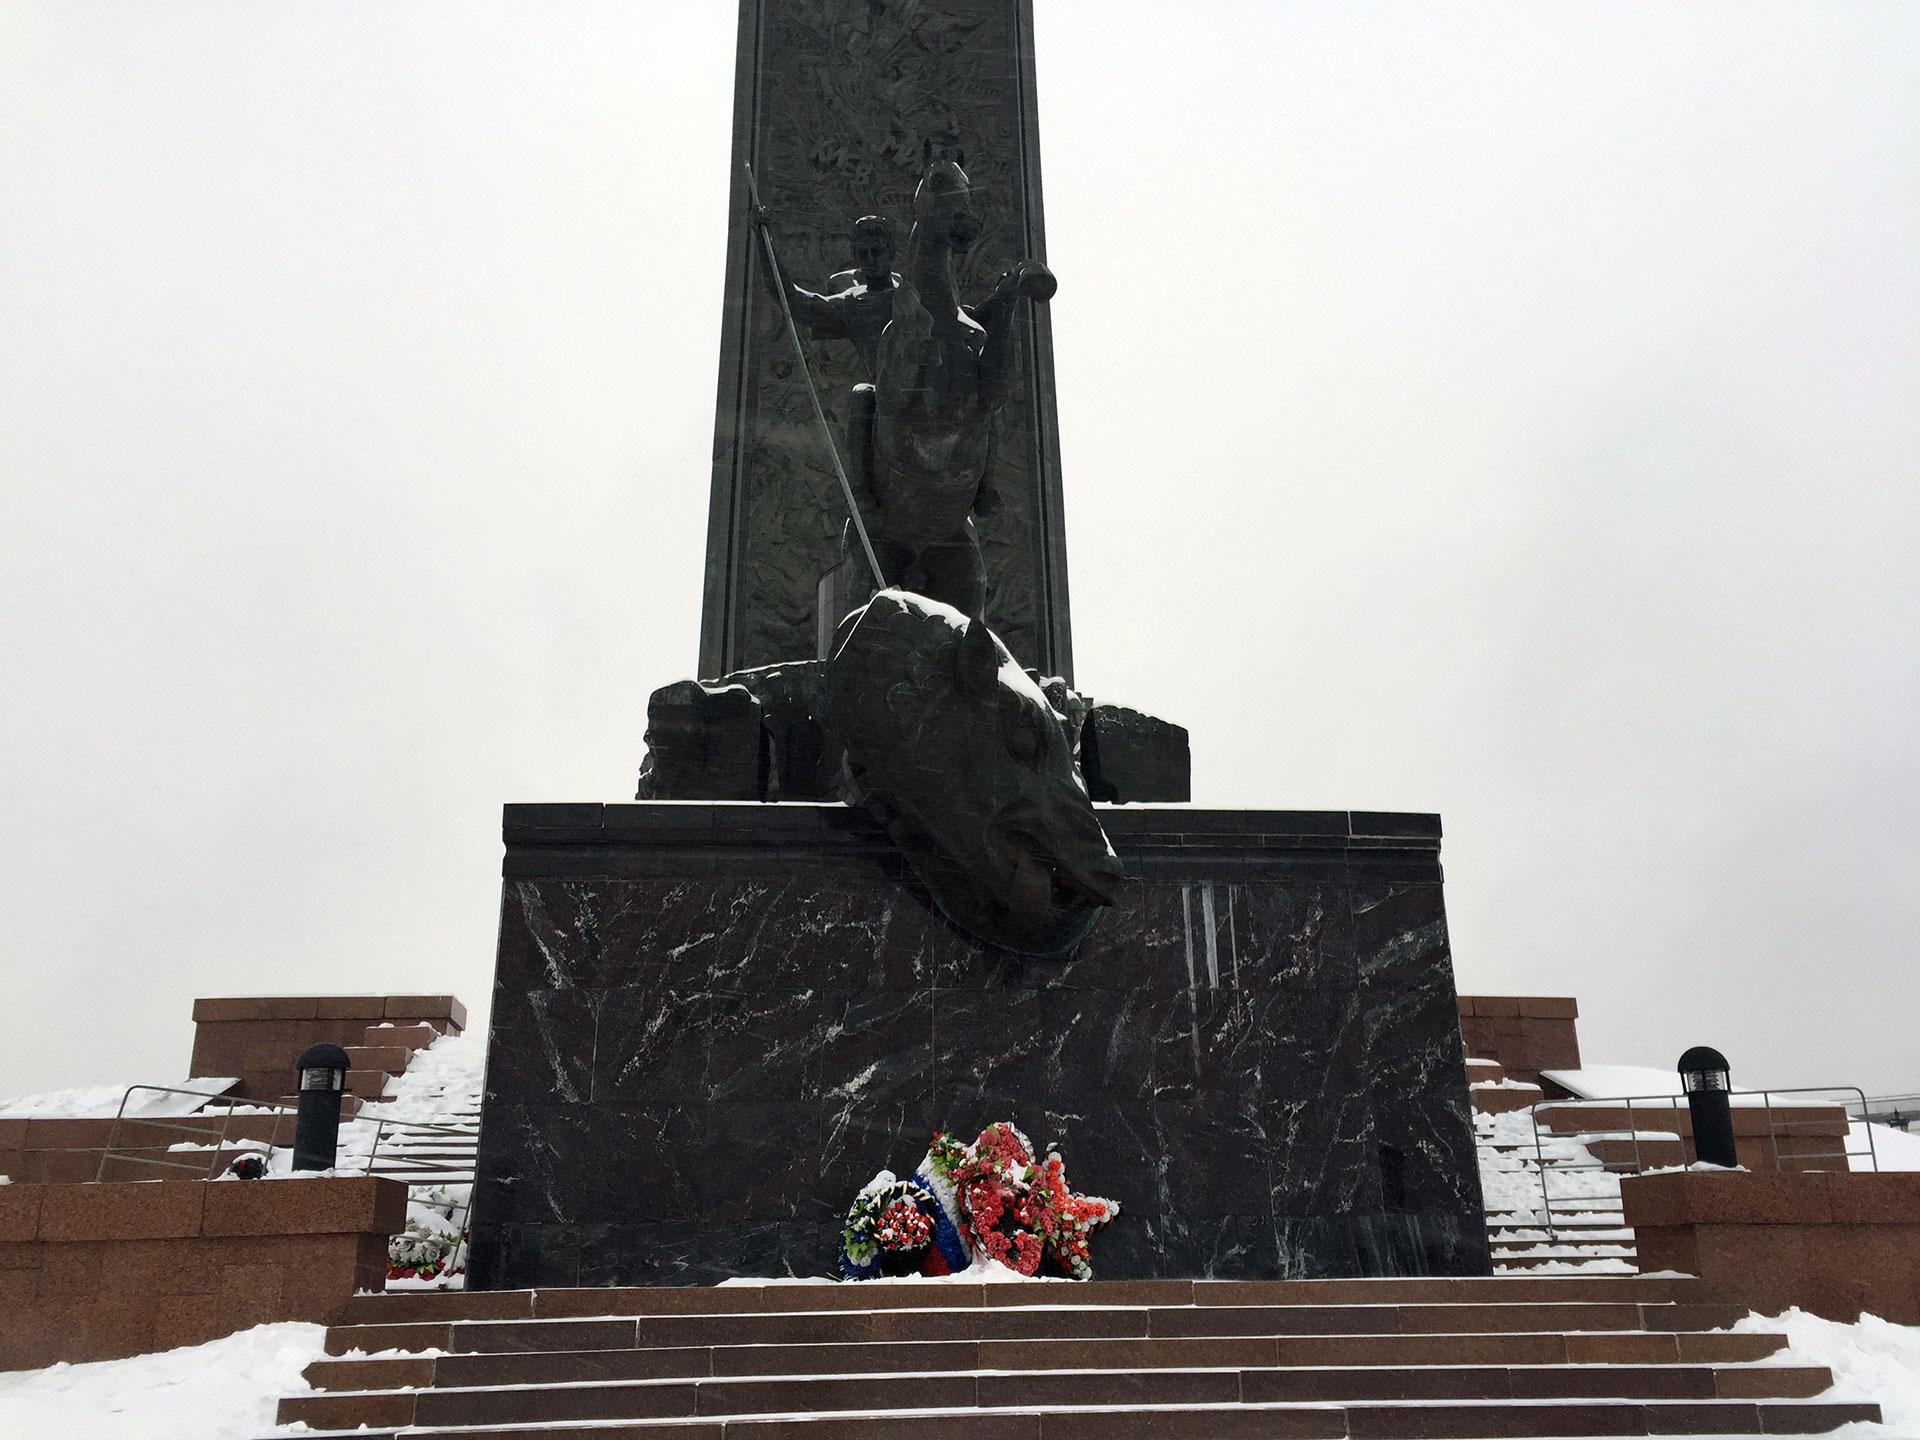 San Jorge matando al dragón, en el monumento a la victoria sobre el nazismo